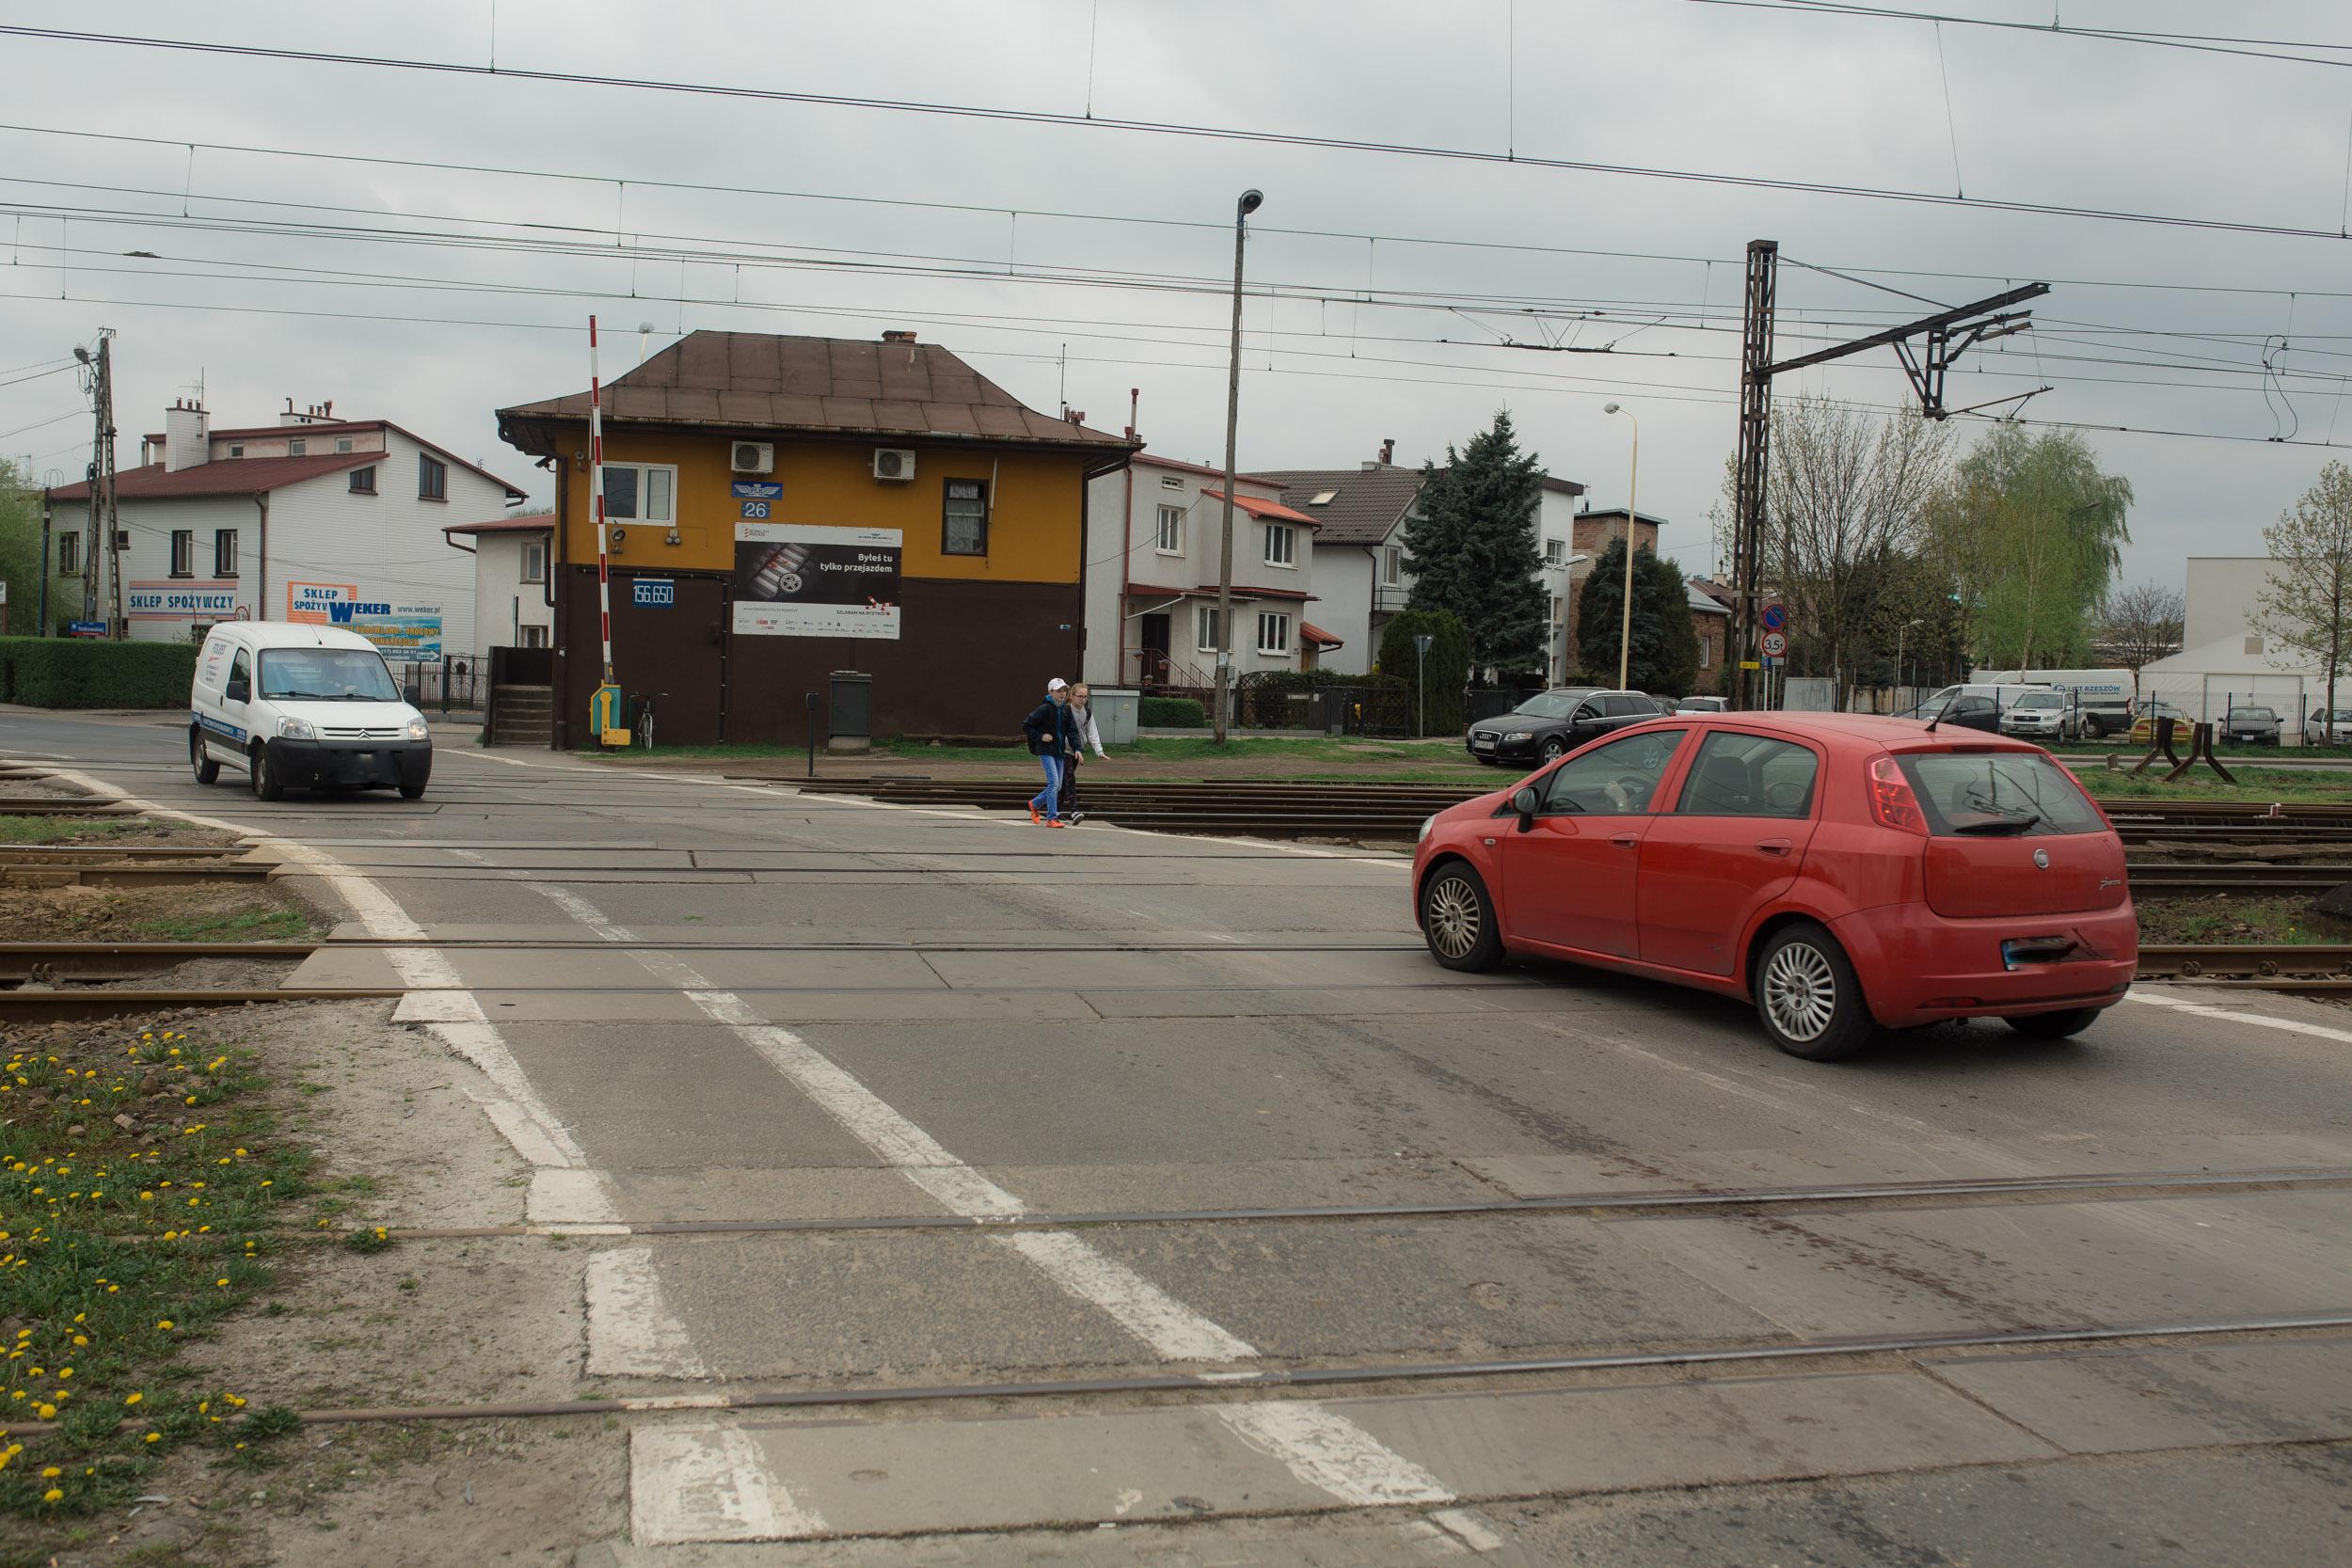 Fatalny stan przejazdu kolejowego przy ul. Konopnickiej. Kiedy remont?